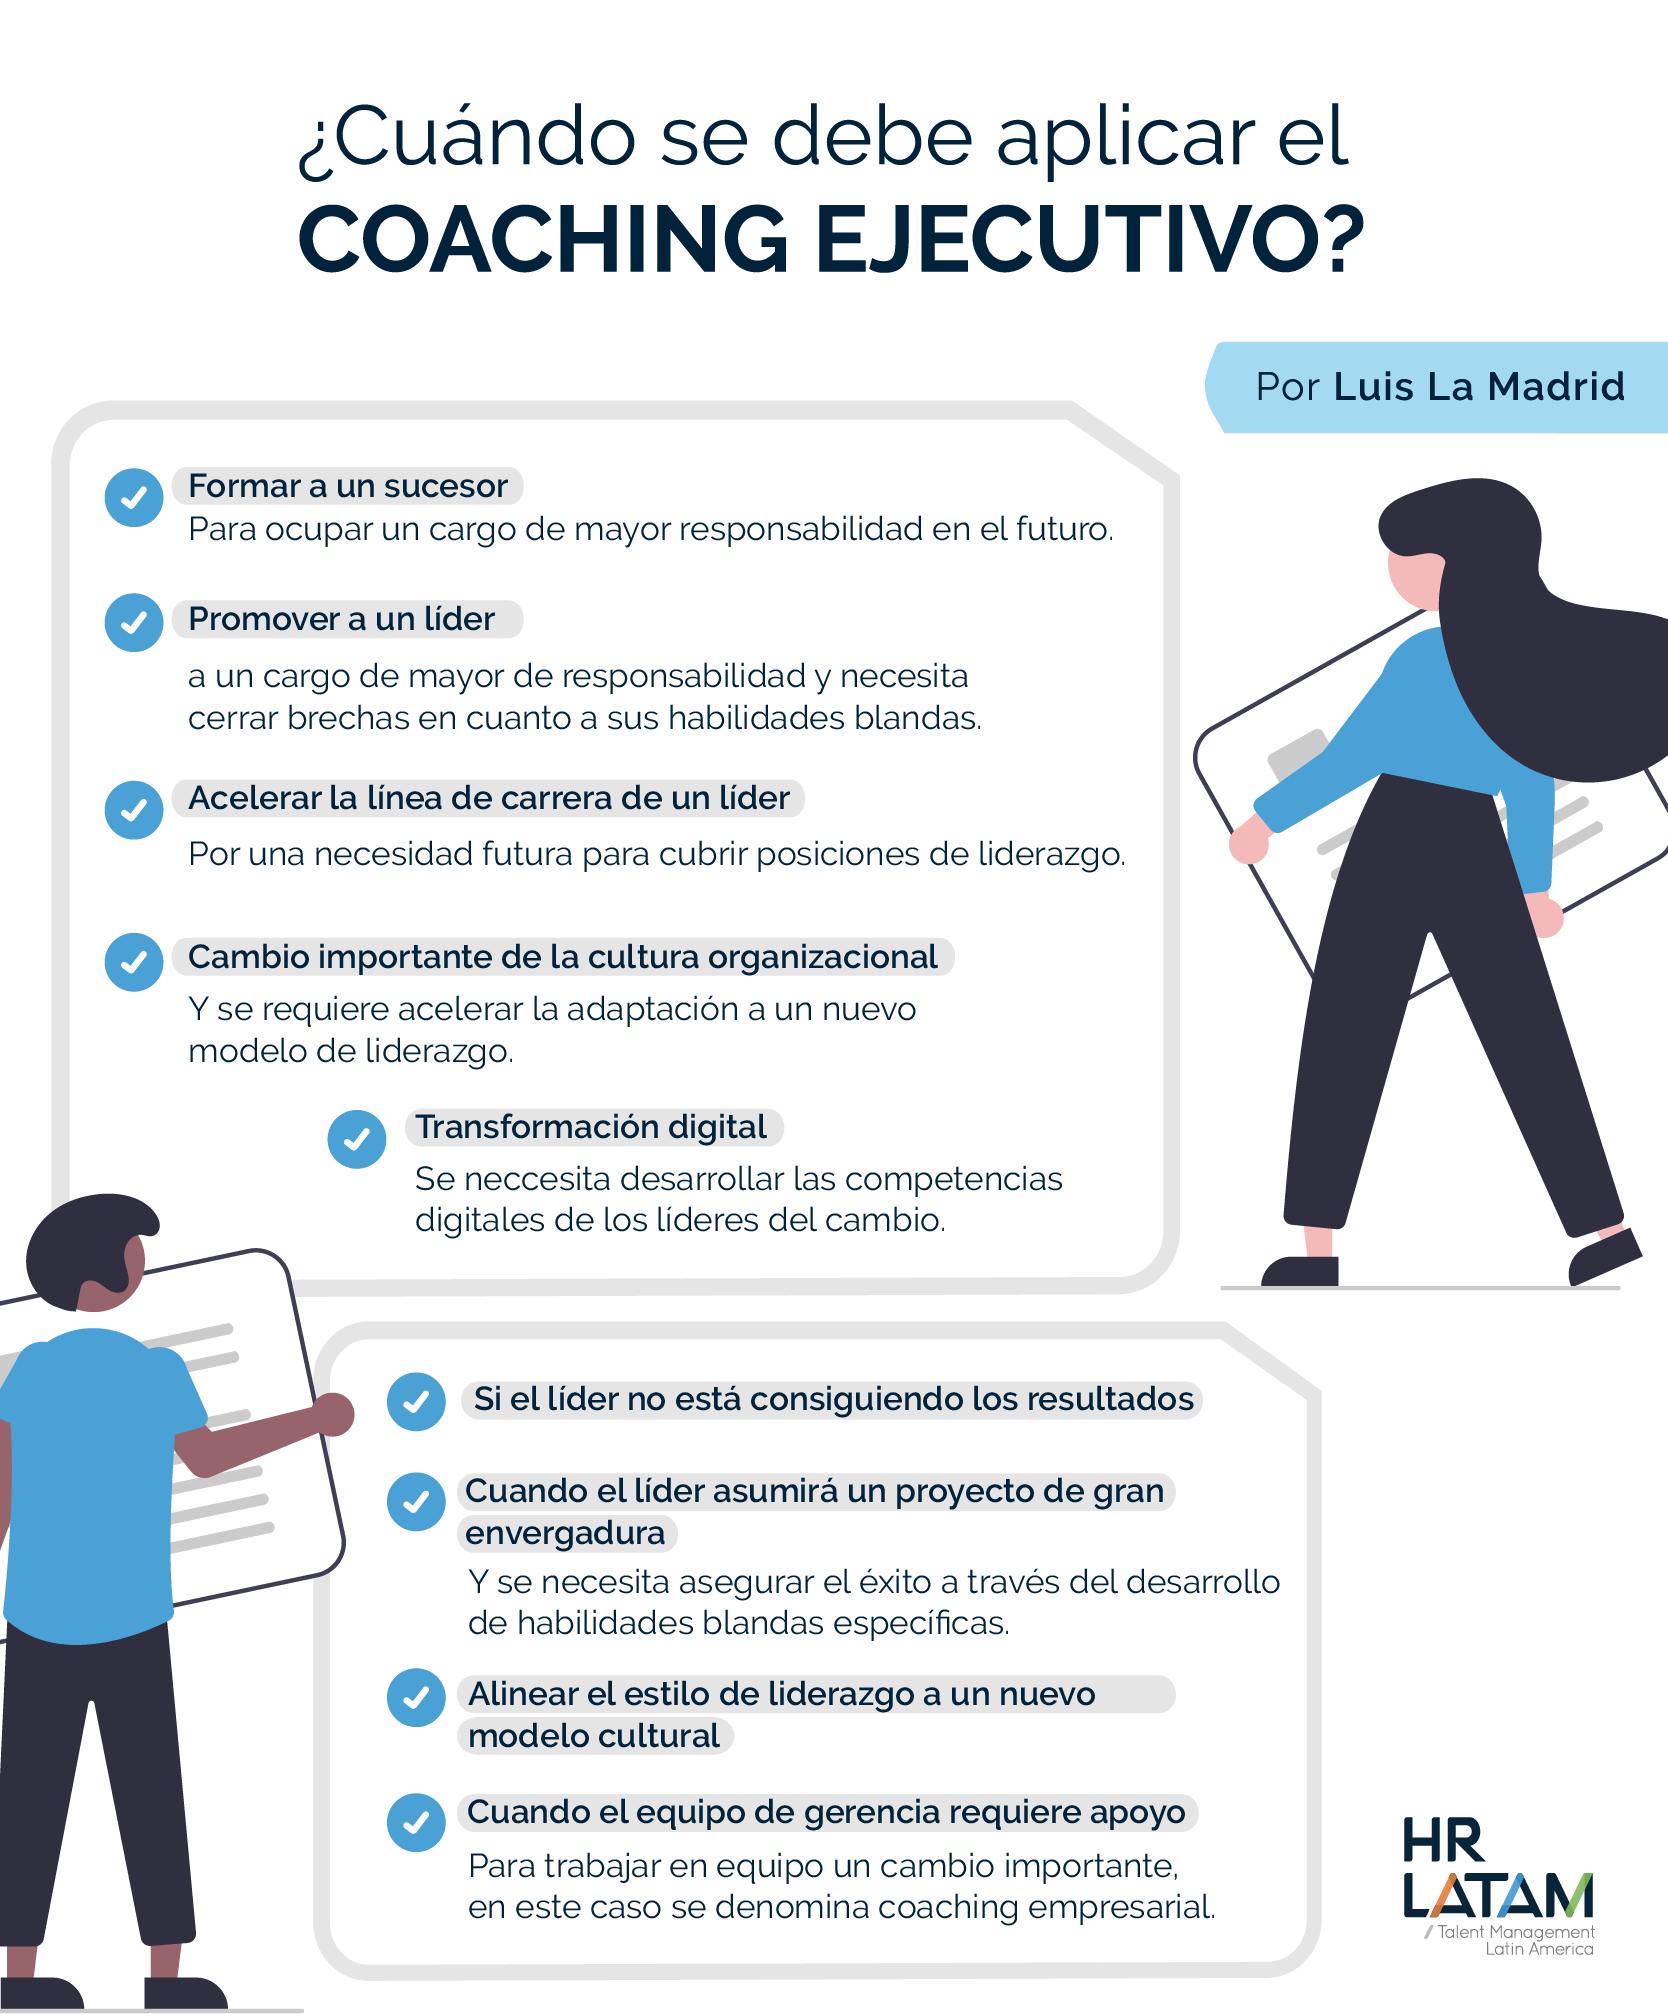 Cuándo se debe aplicar el coaching ejecutivo